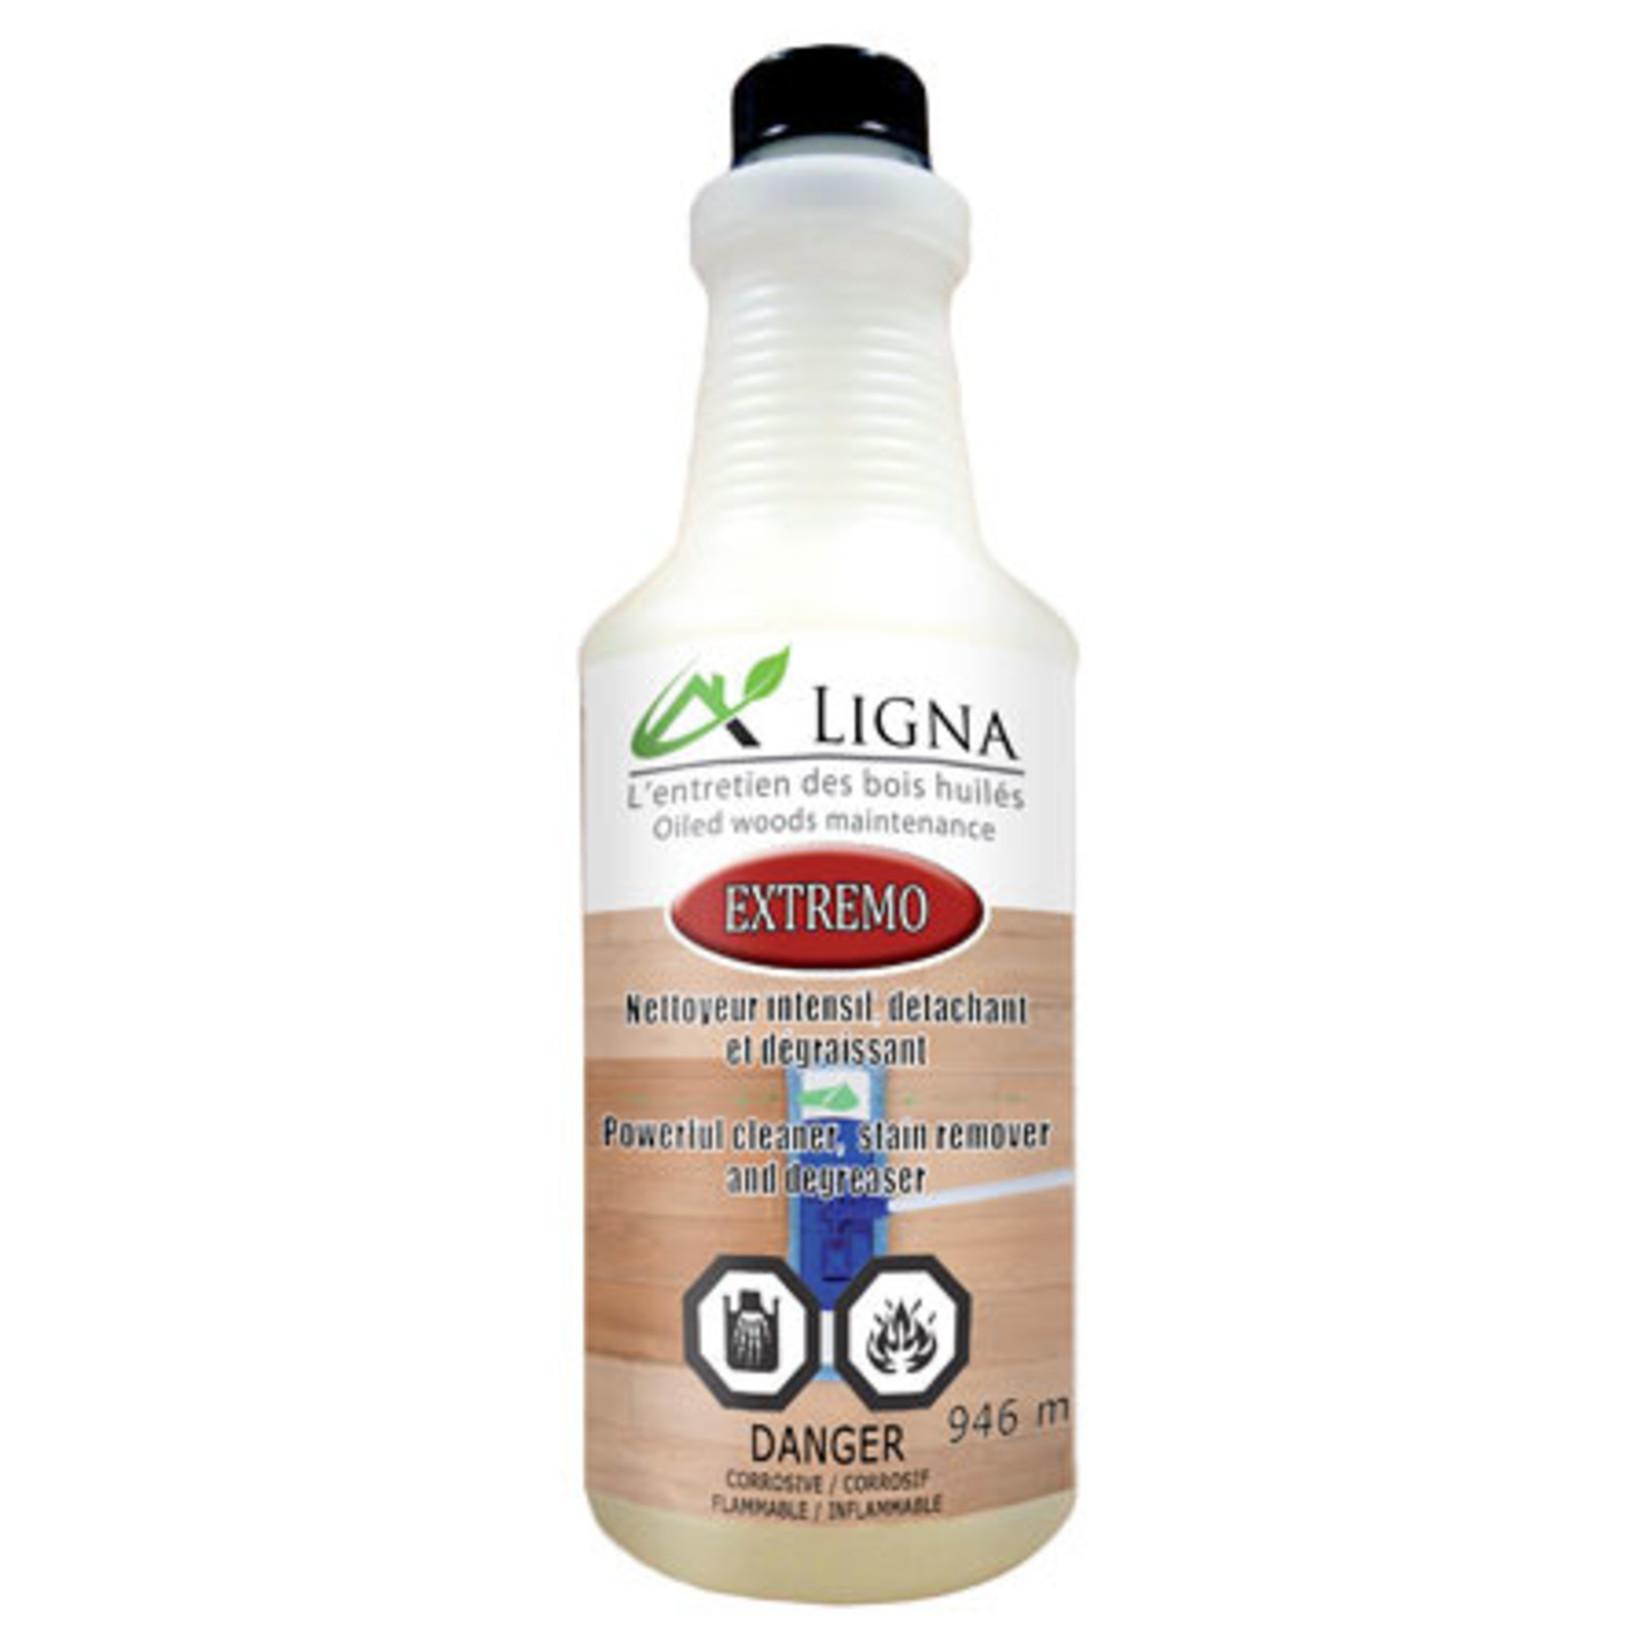 Ligna Extremo - Nettoyant détachant et dégraissant 946 ml